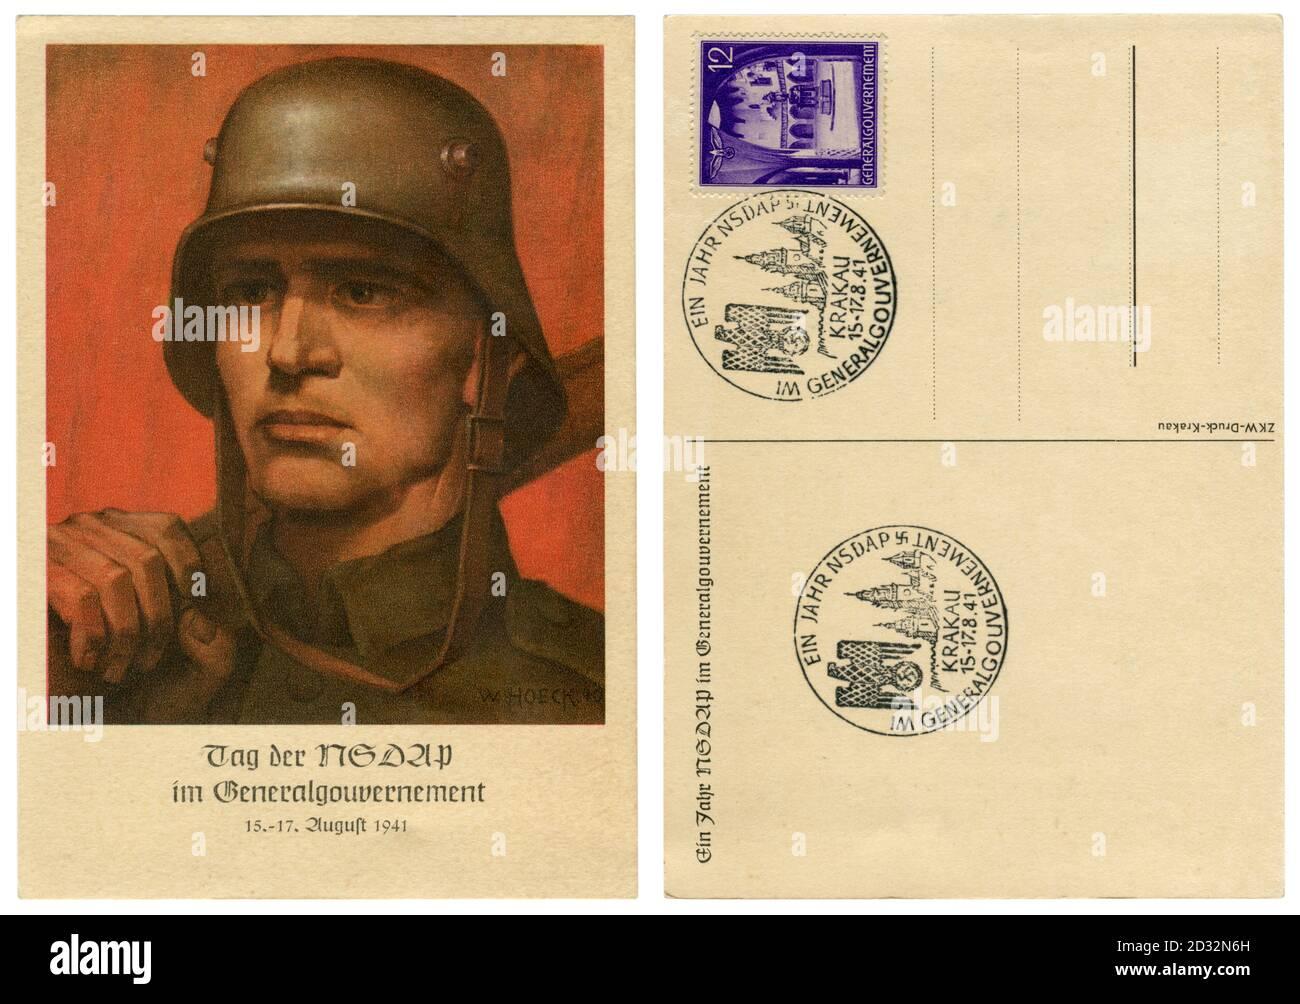 Carte postale historique allemande : portrait d'un soldat dans un casque de campagne en acier. NSDAP fête jour à GeneralgubernSpas, Allemagne, occupé Pologne,1941 Banque D'Images